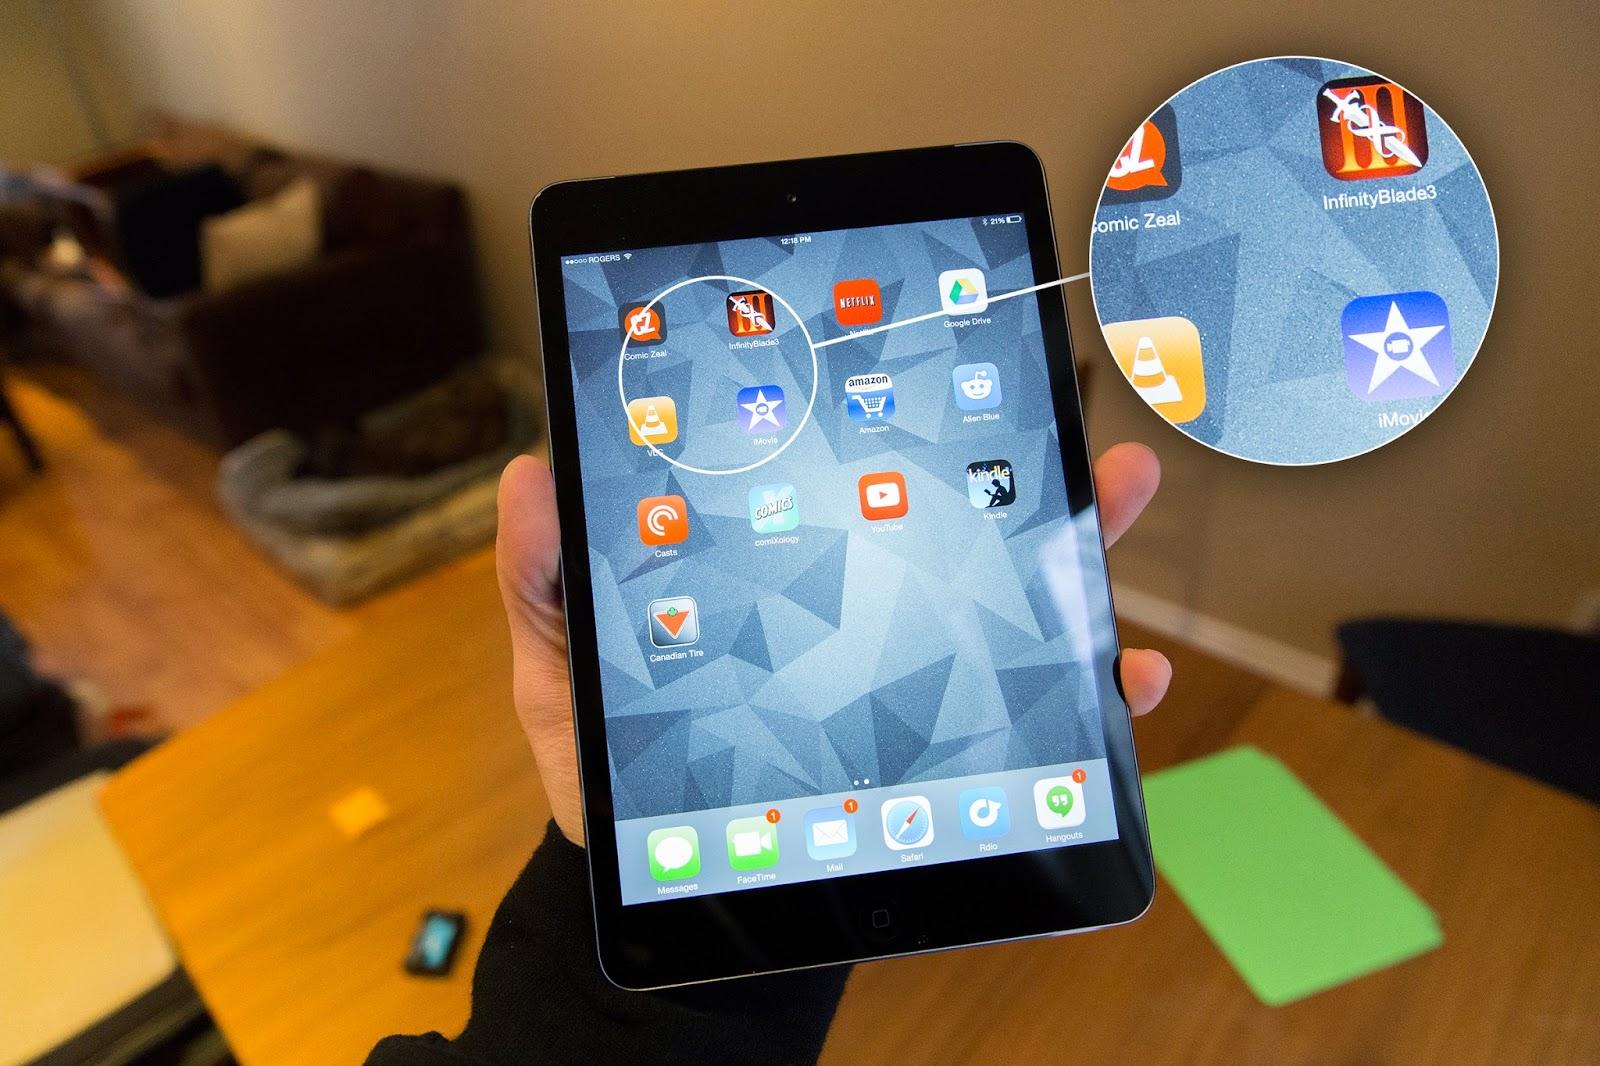 Apple's iPad mini with Retina Display